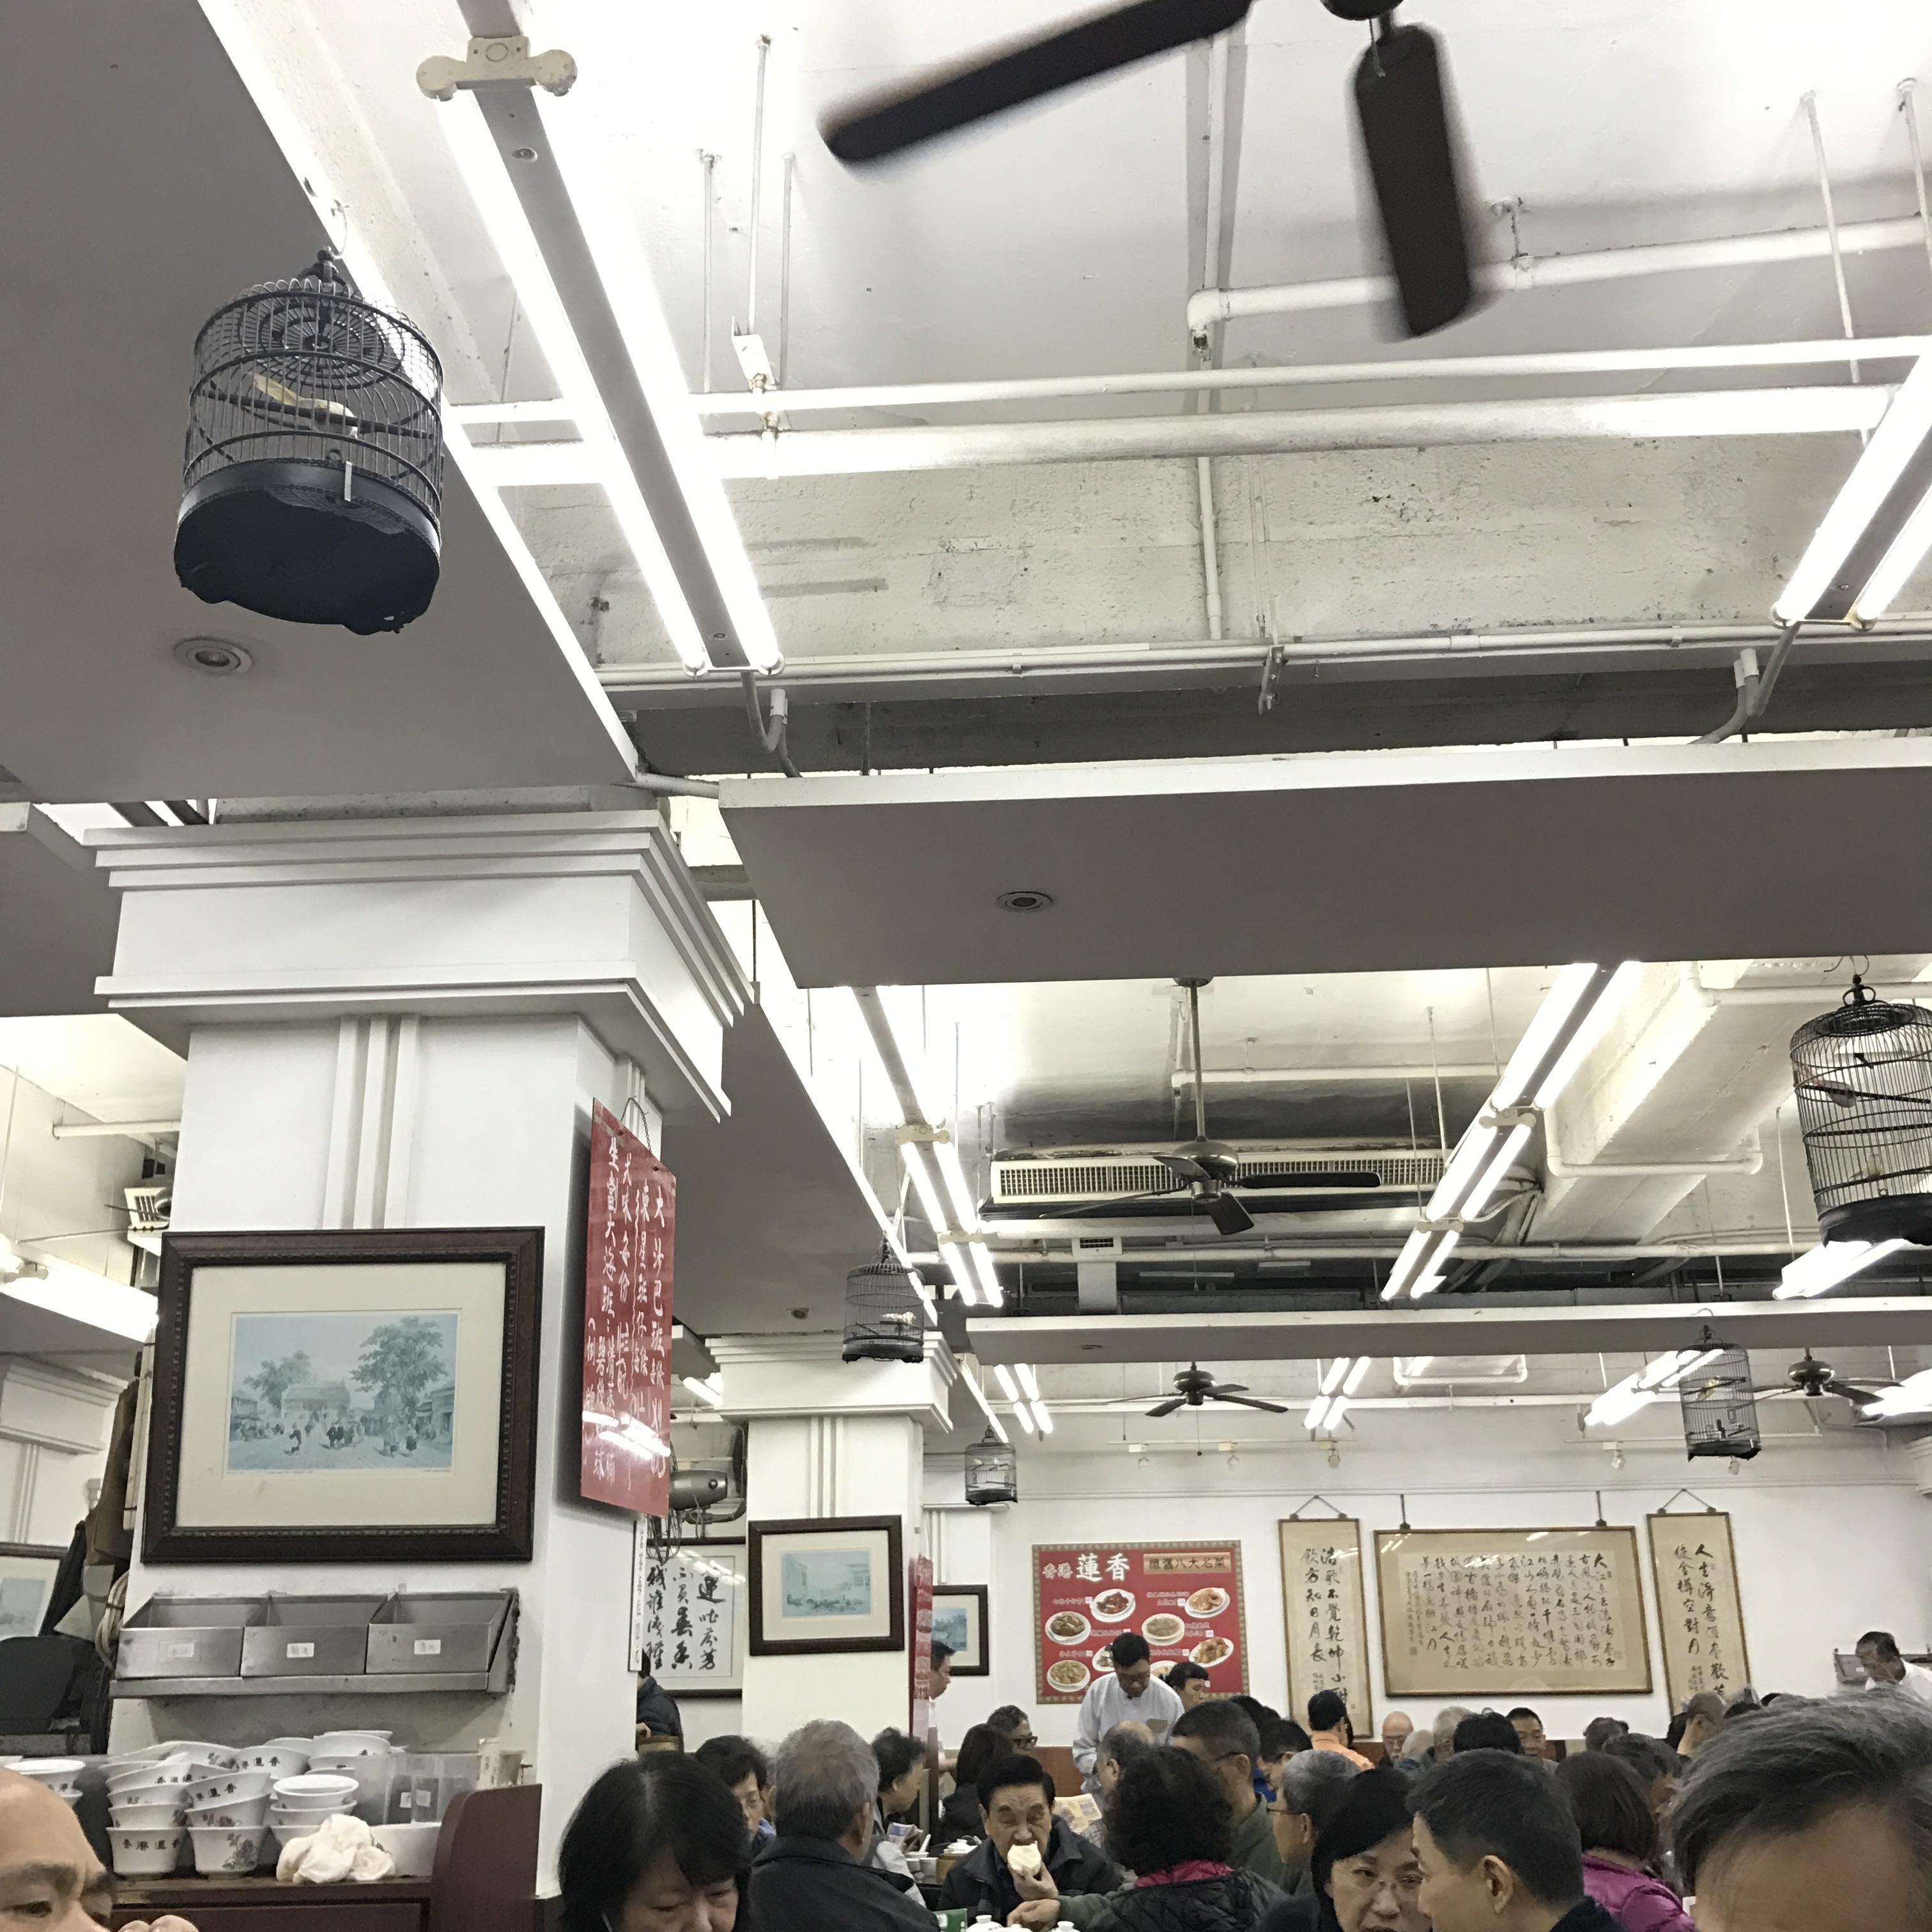 初上陸!香港はアートあふれる美味しい街(1)_1_9-1